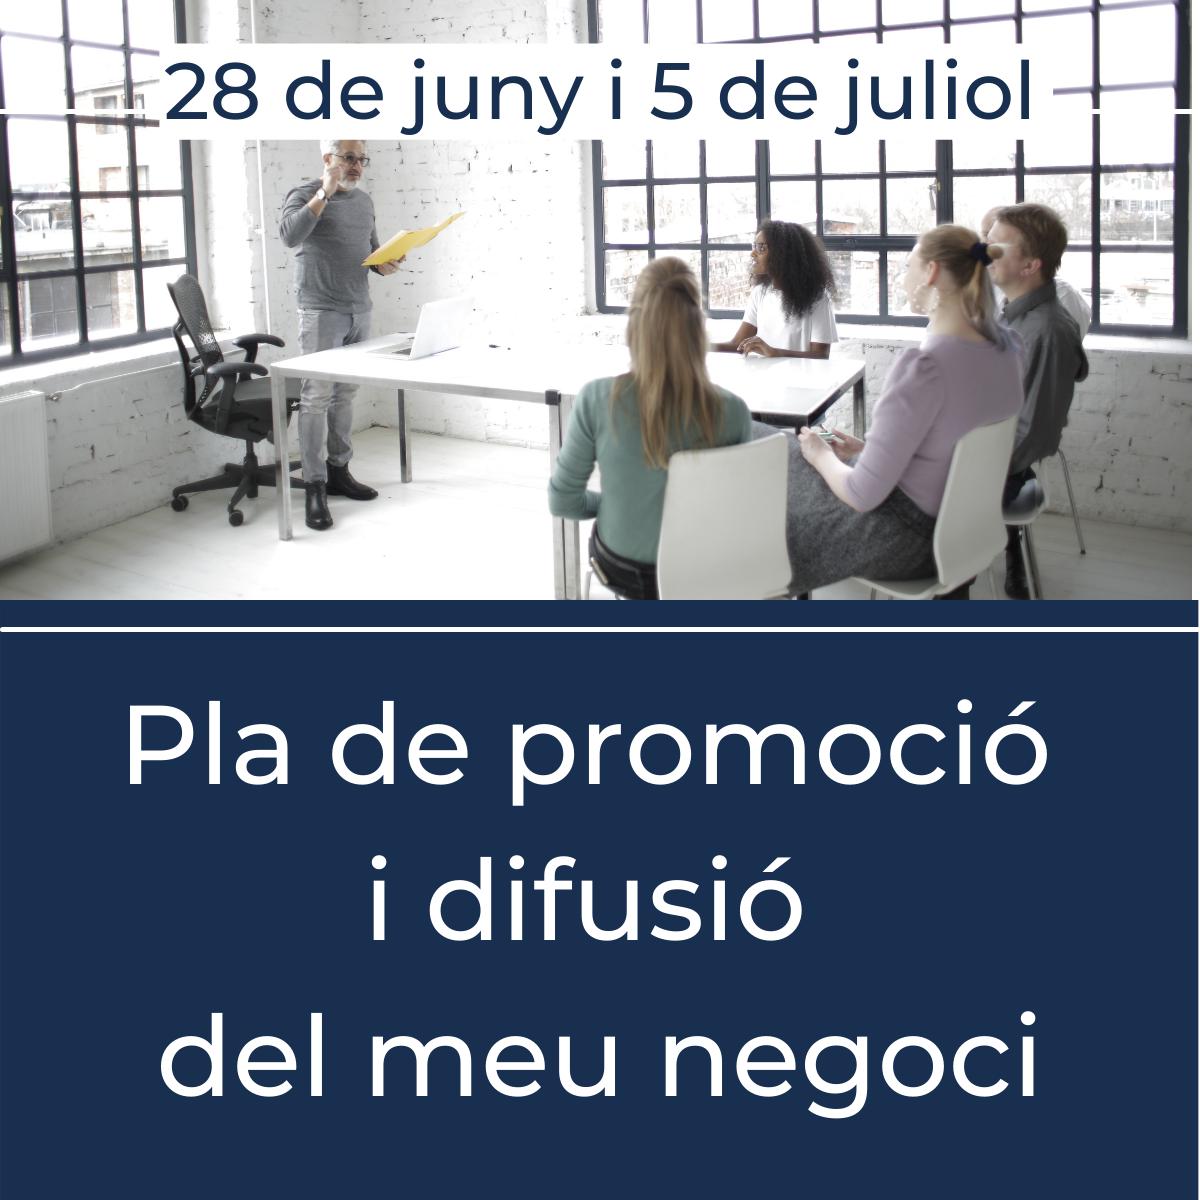 Com elaborar un pla de promoció i difusió del meu negoci?